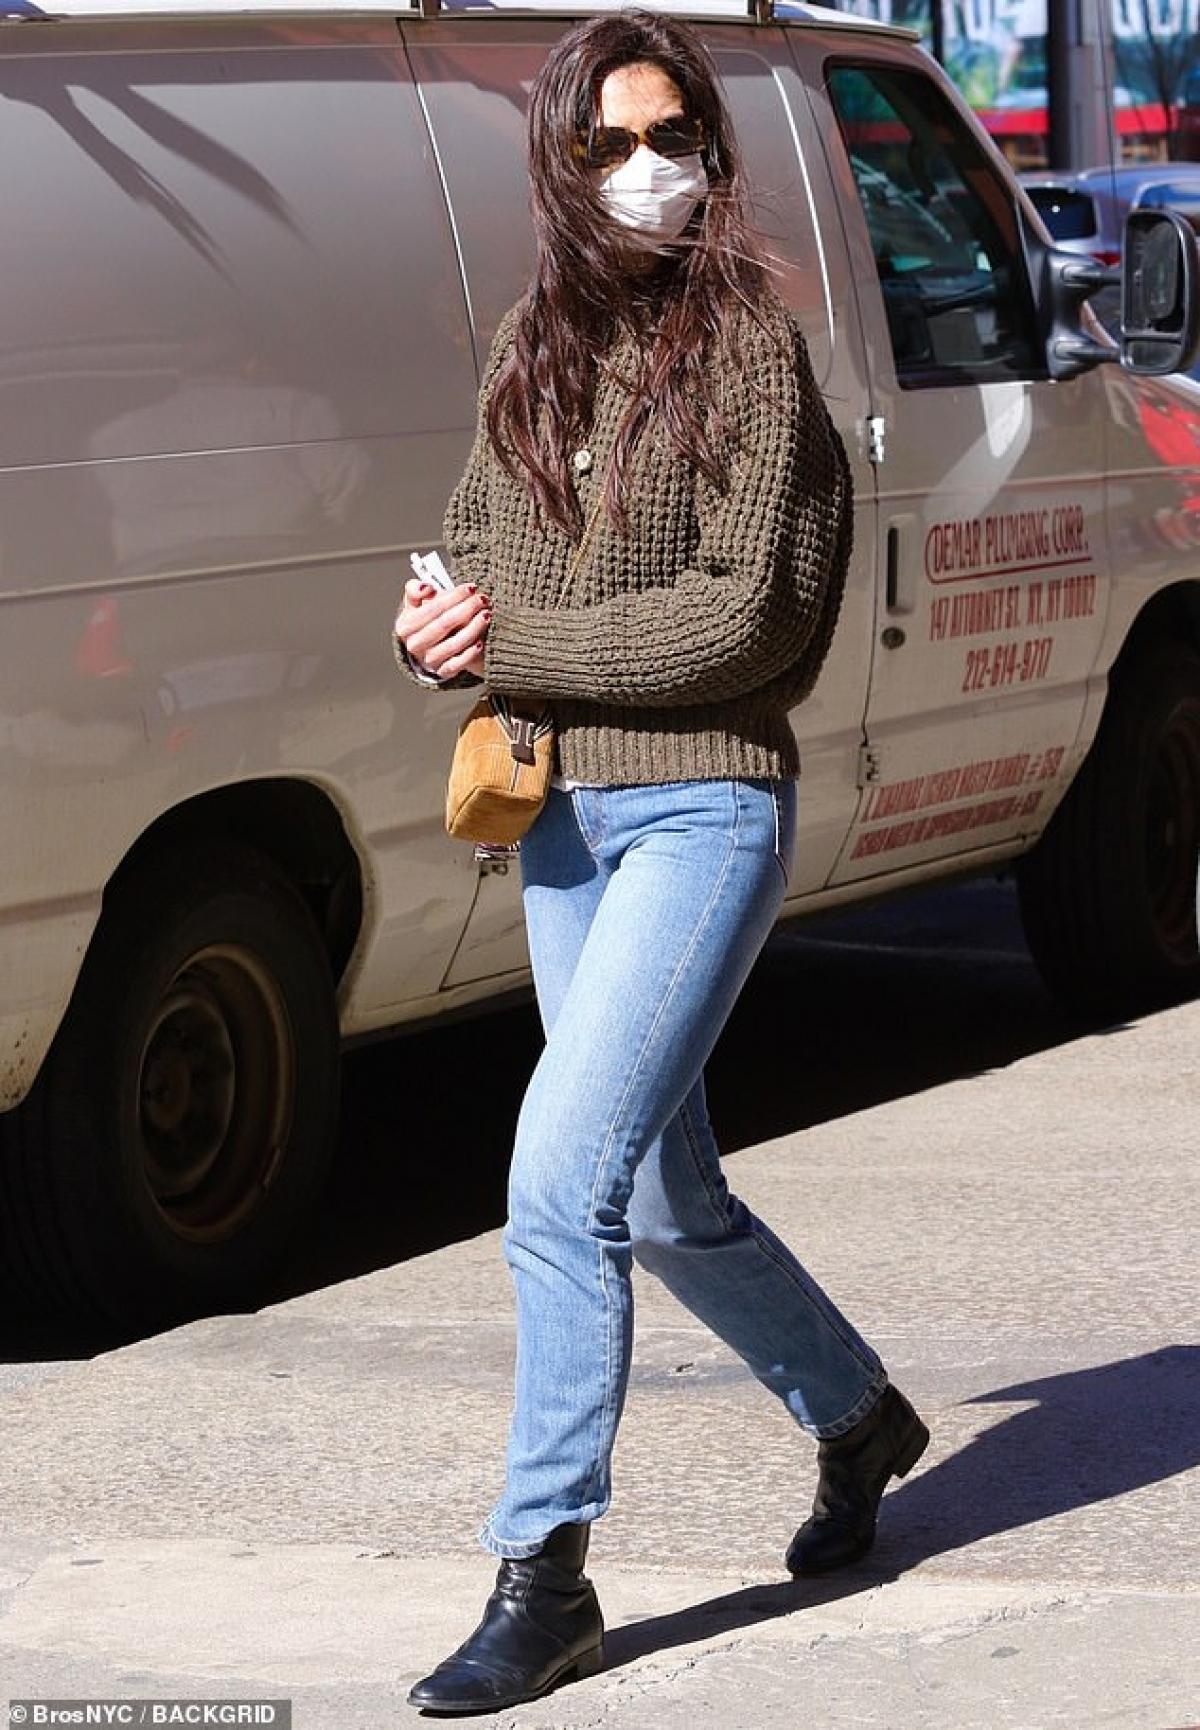 Theo nguồn tin trên Us Weekly, đại diện của Katie Holmes xác nhận nữ diễn viên và bạn trai Emilio Vitolo Jr đã chia tay sau vài tháng hẹn hò.